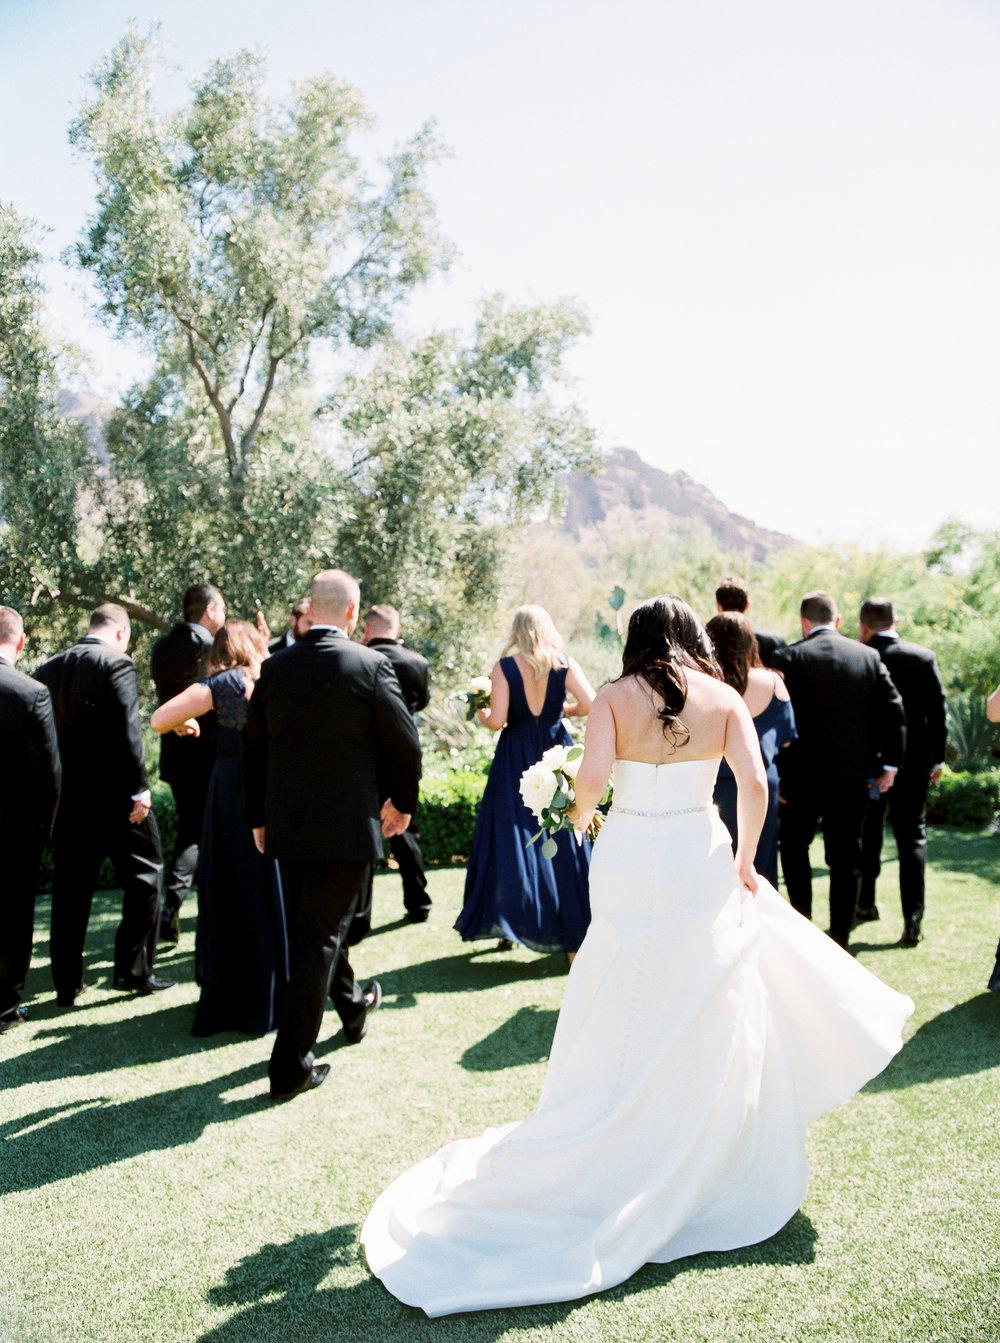 El_Chorro_Destination_Wedding_Planner_14.JPG